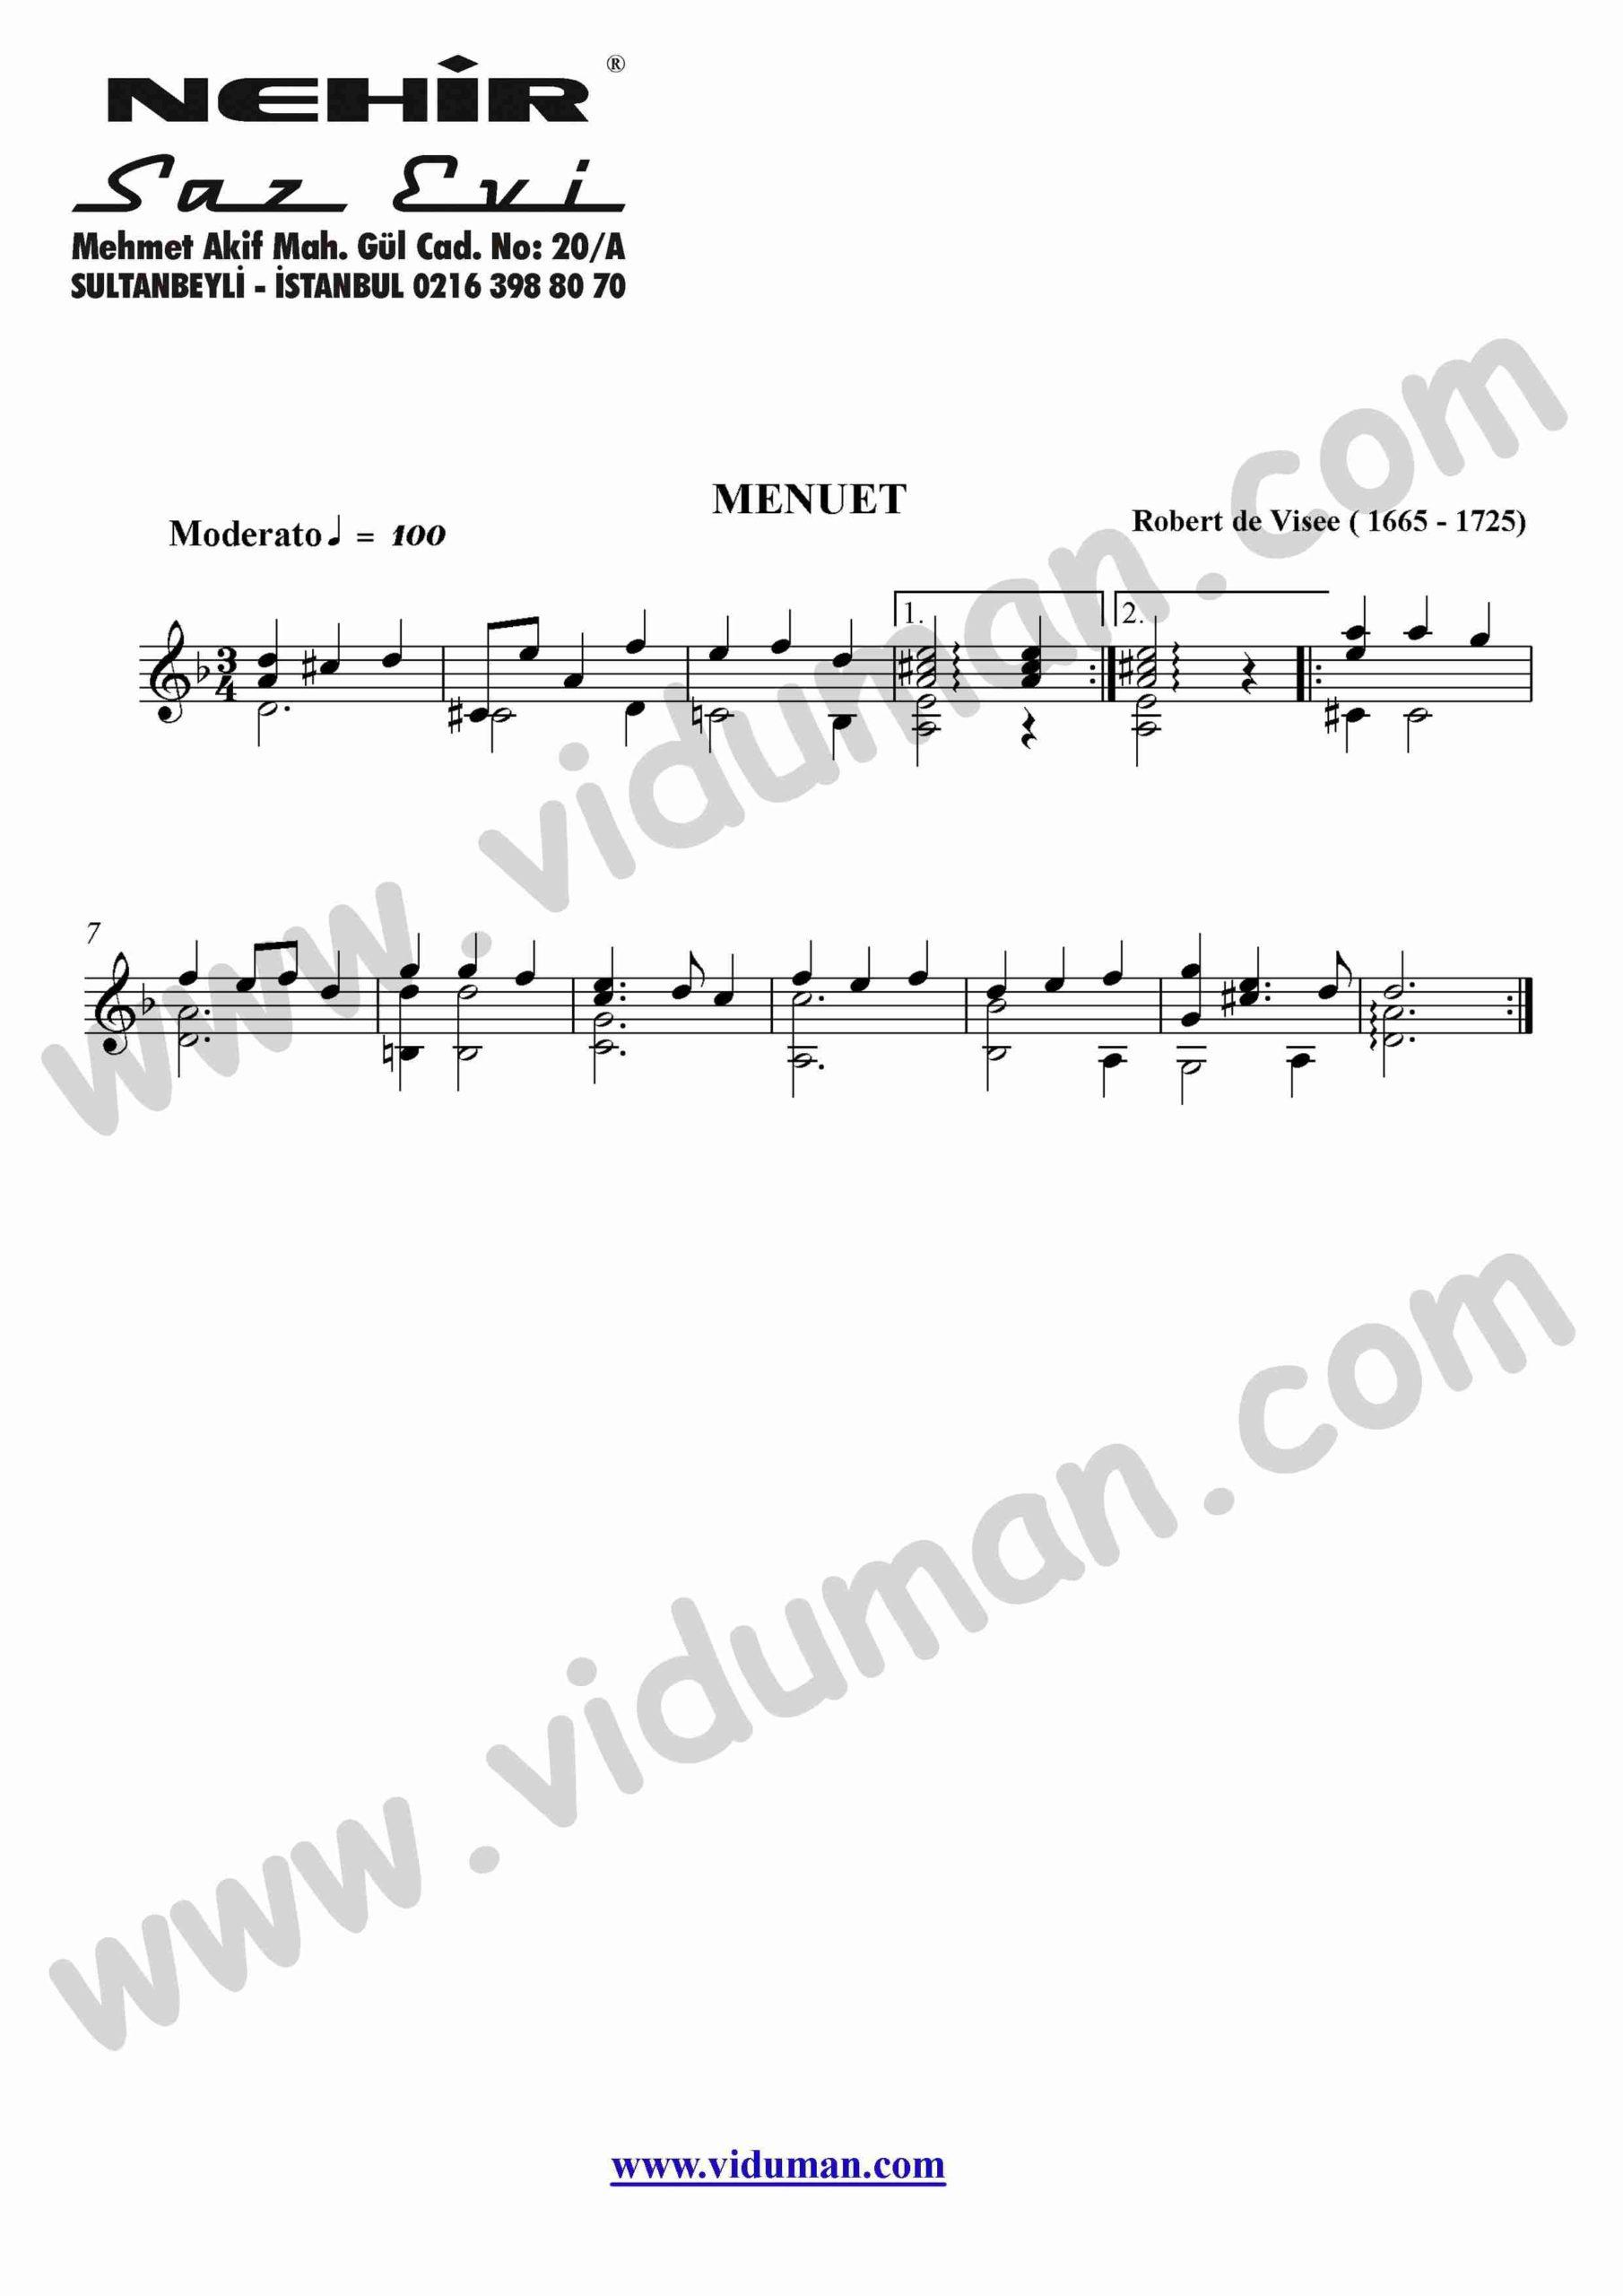 17- Menuet (Robert De Visee)